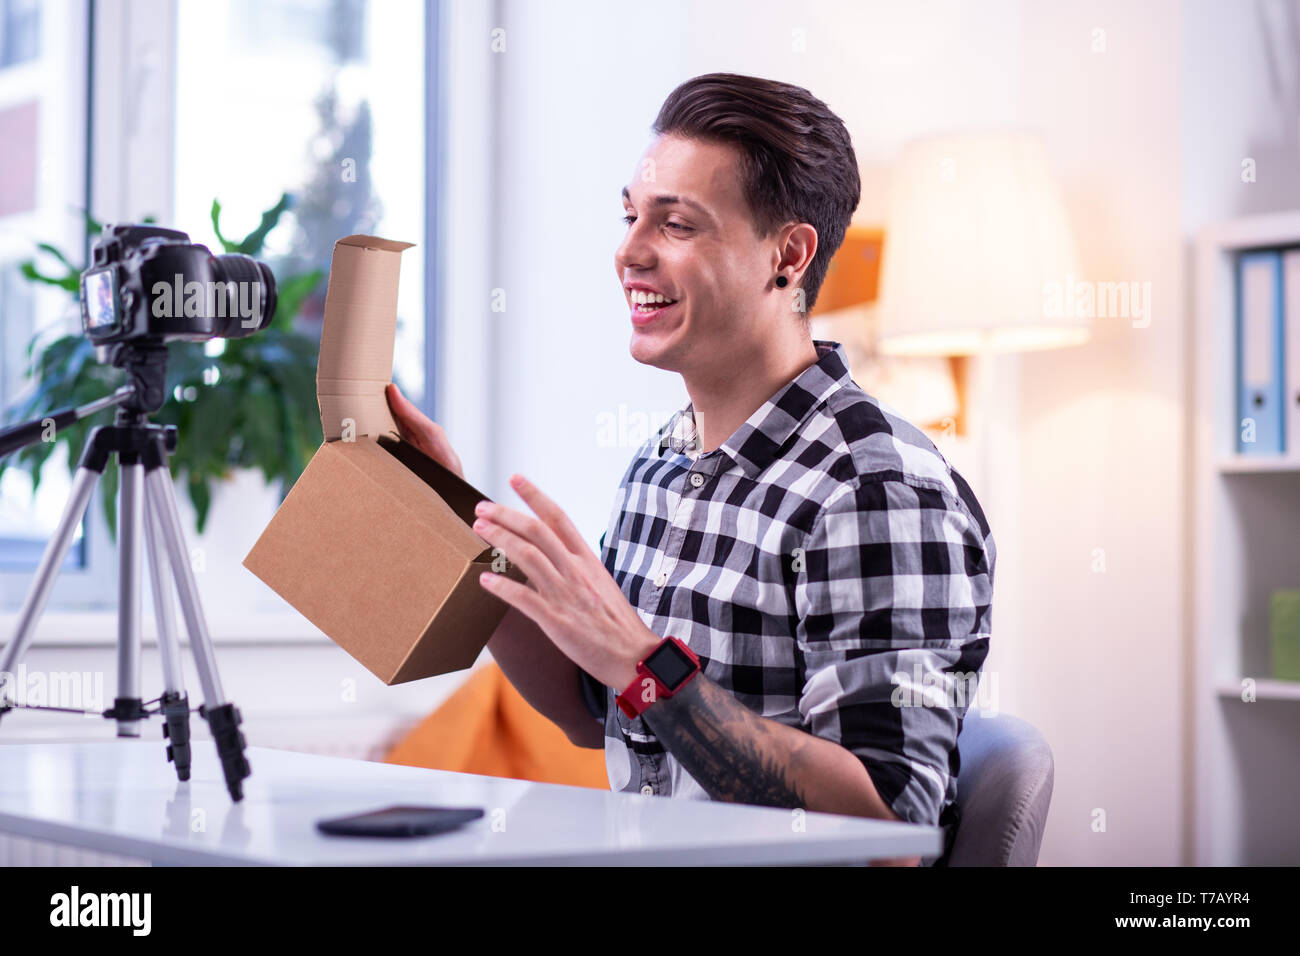 Alegre buen mozo con cejas afeitada con reloj electrónico rojo Foto de stock